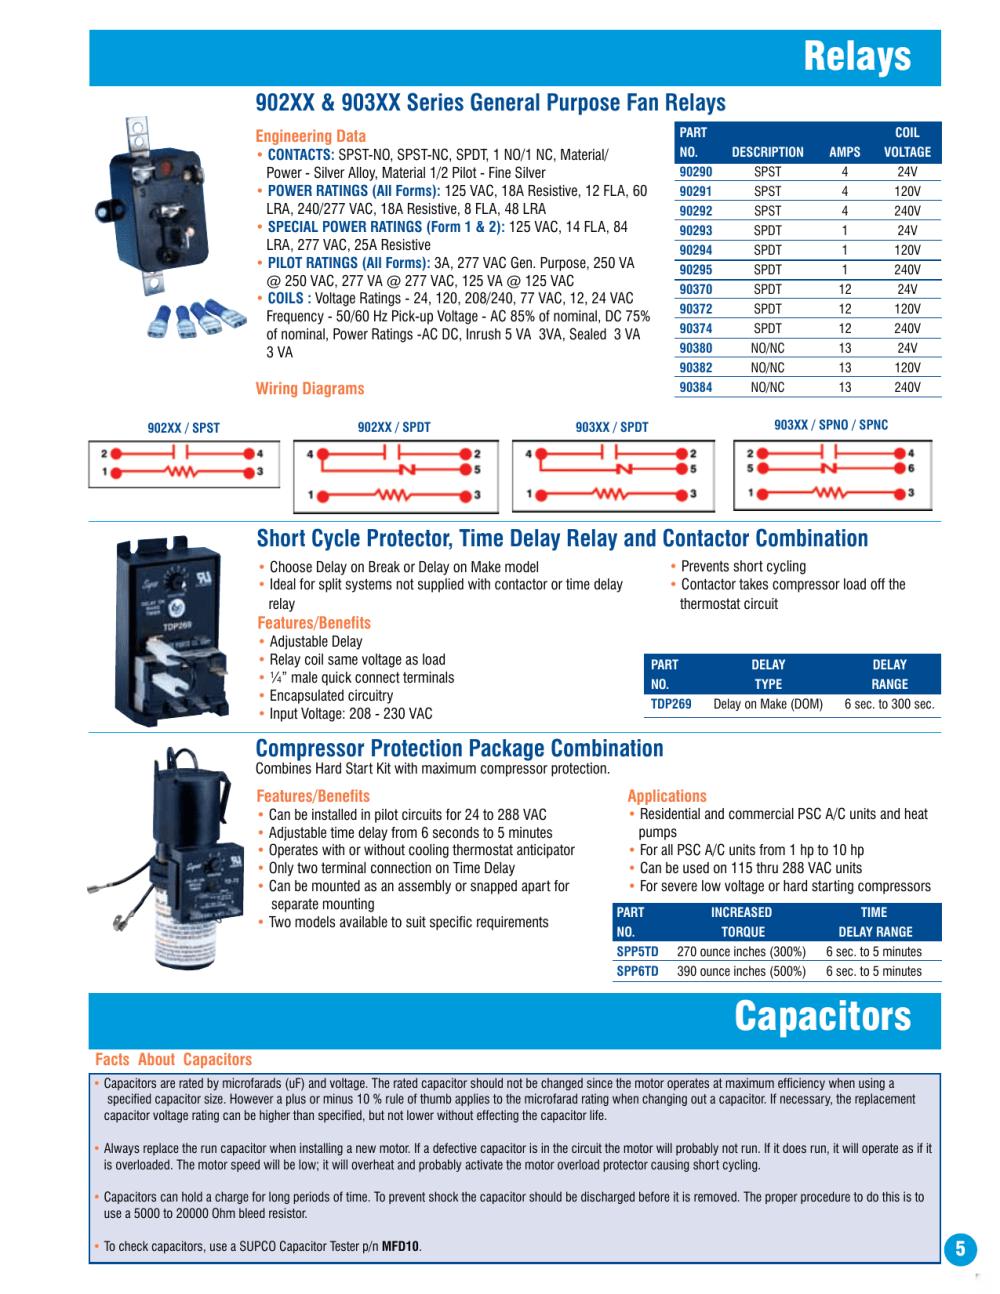 medium resolution of dpdt relay wiring diagram 208v motor